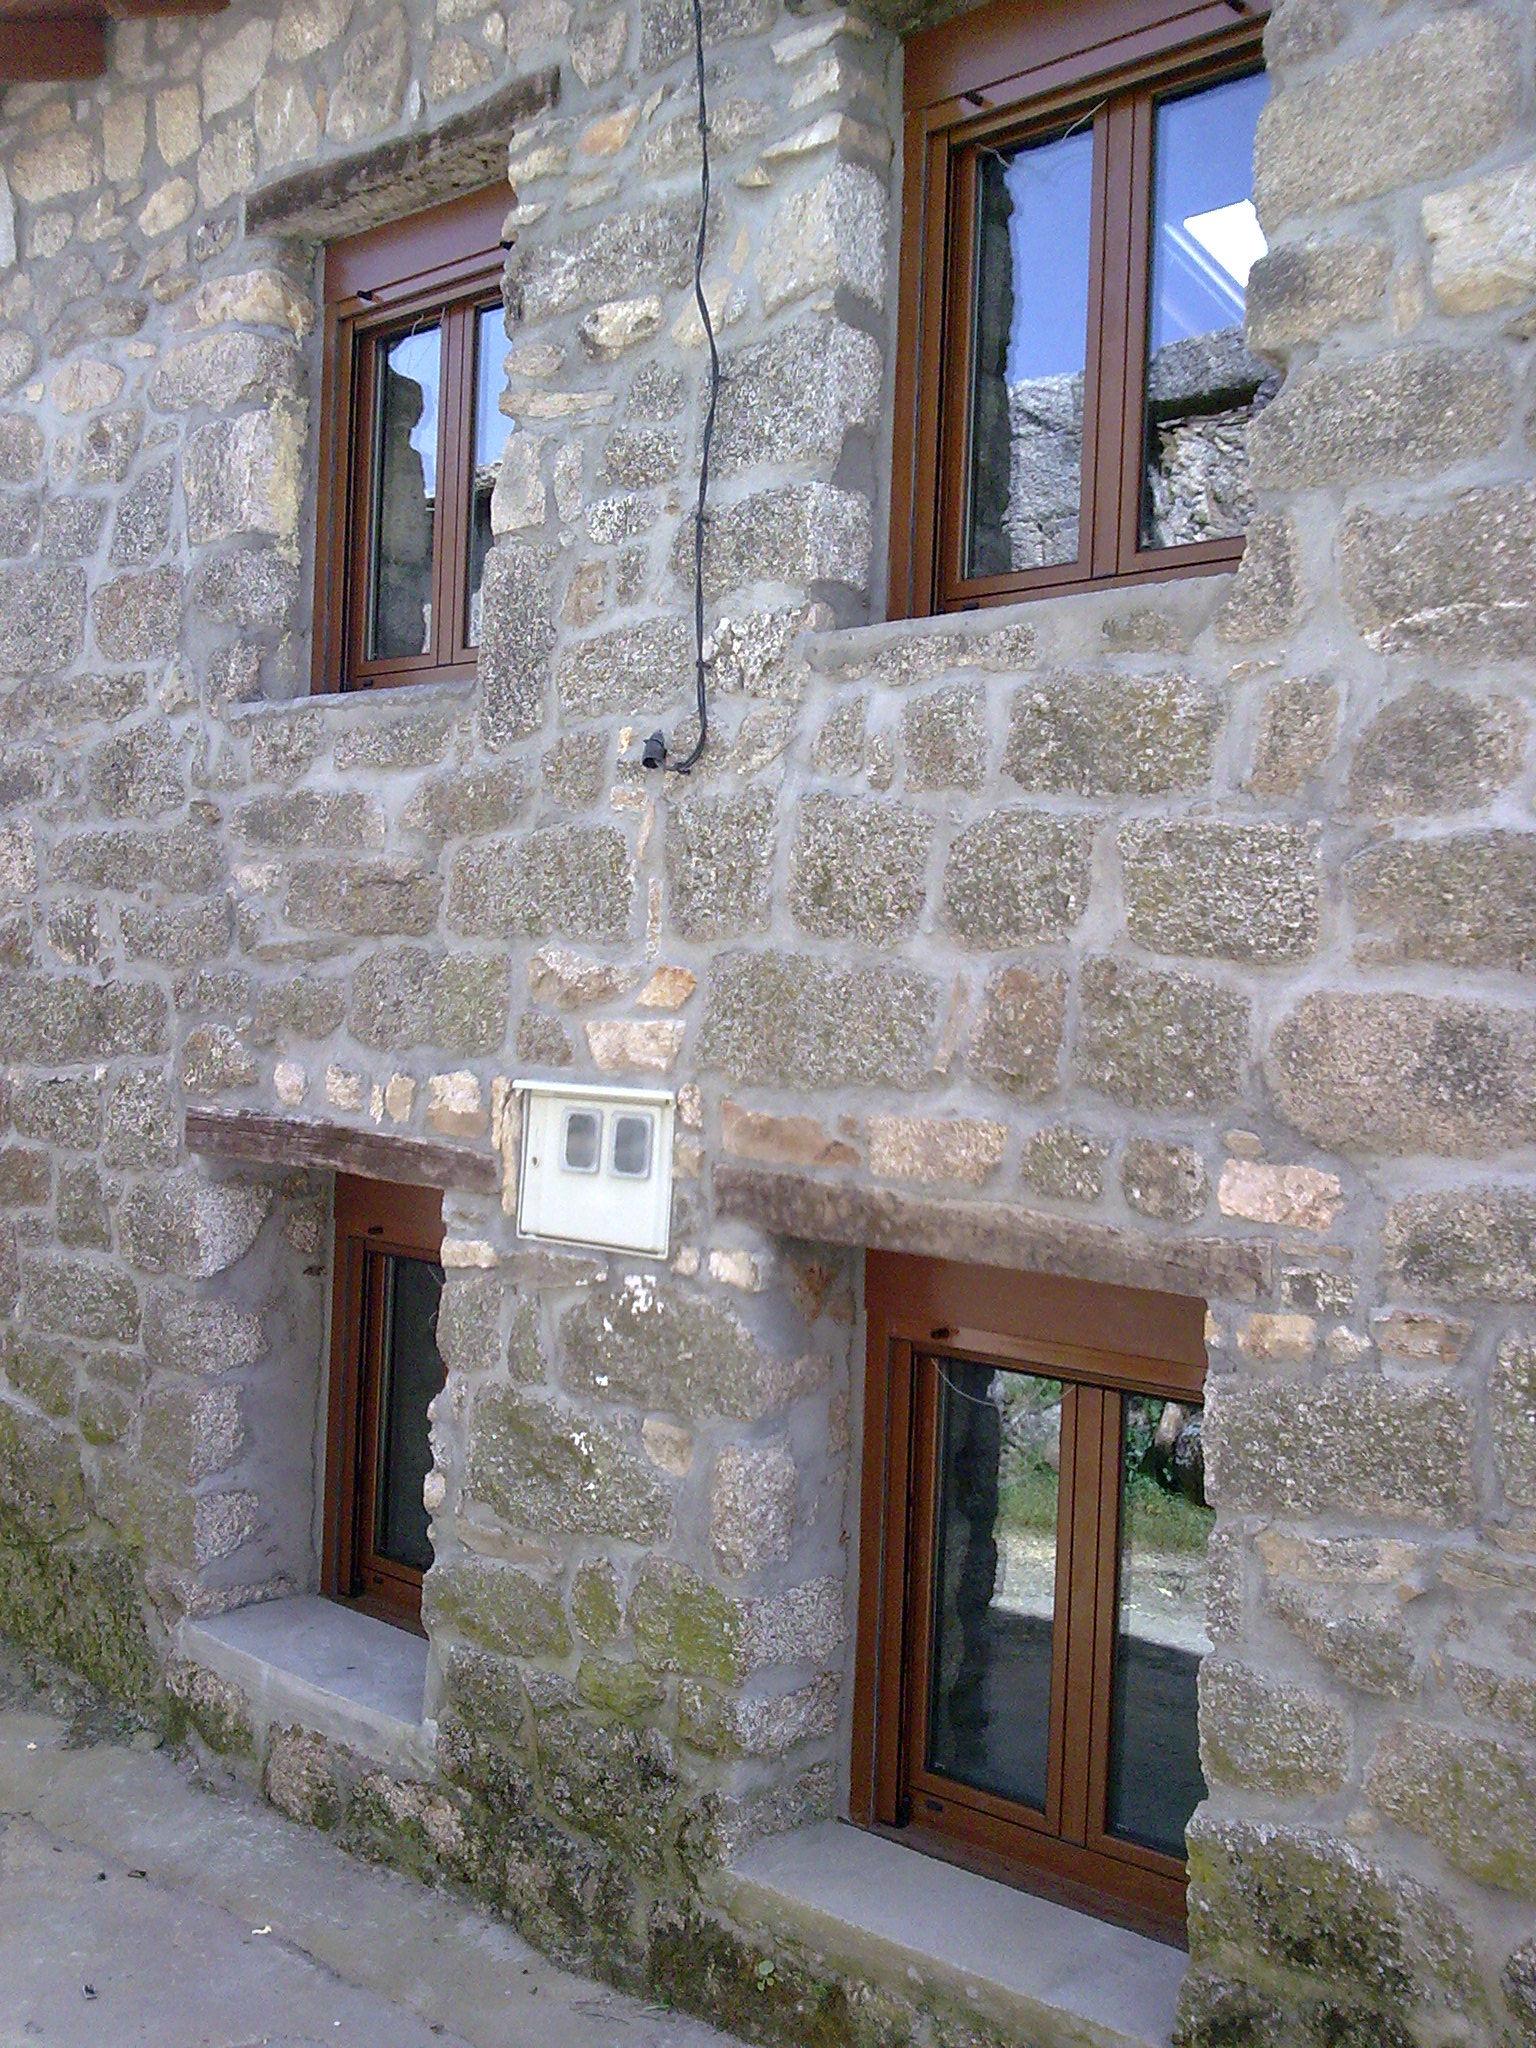 Peque as ventanas de aluminio color madera nuestros for Colores de aluminio para ventanas